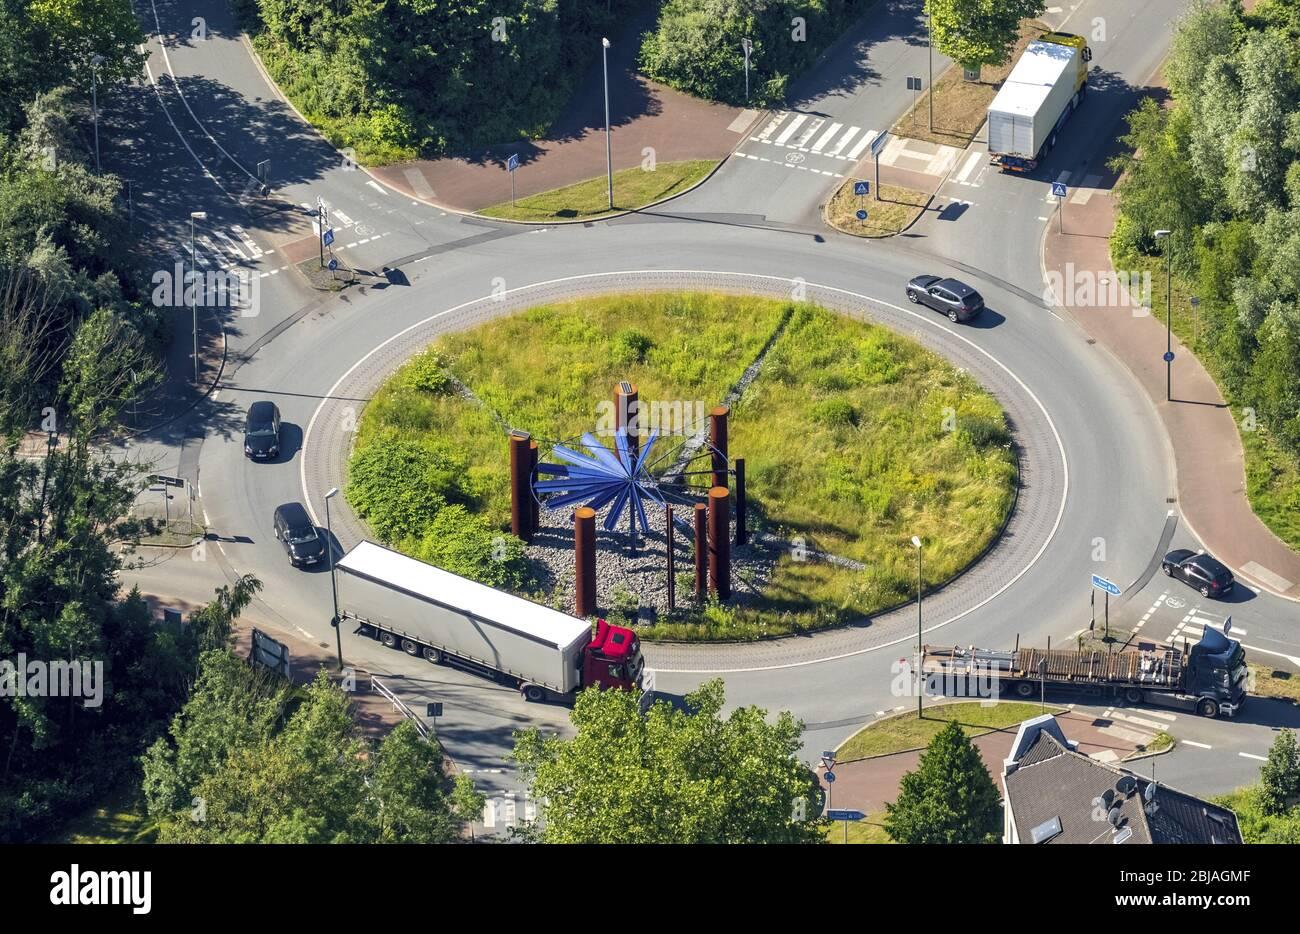 Rotonda Stahlhalla en la calle Heussner, Kohlenstreet en Bochum, 23.06.2016, vista aérea, Alemania, Renania del Norte-Westfalia, Ruhr Area, Bochum Foto de stock